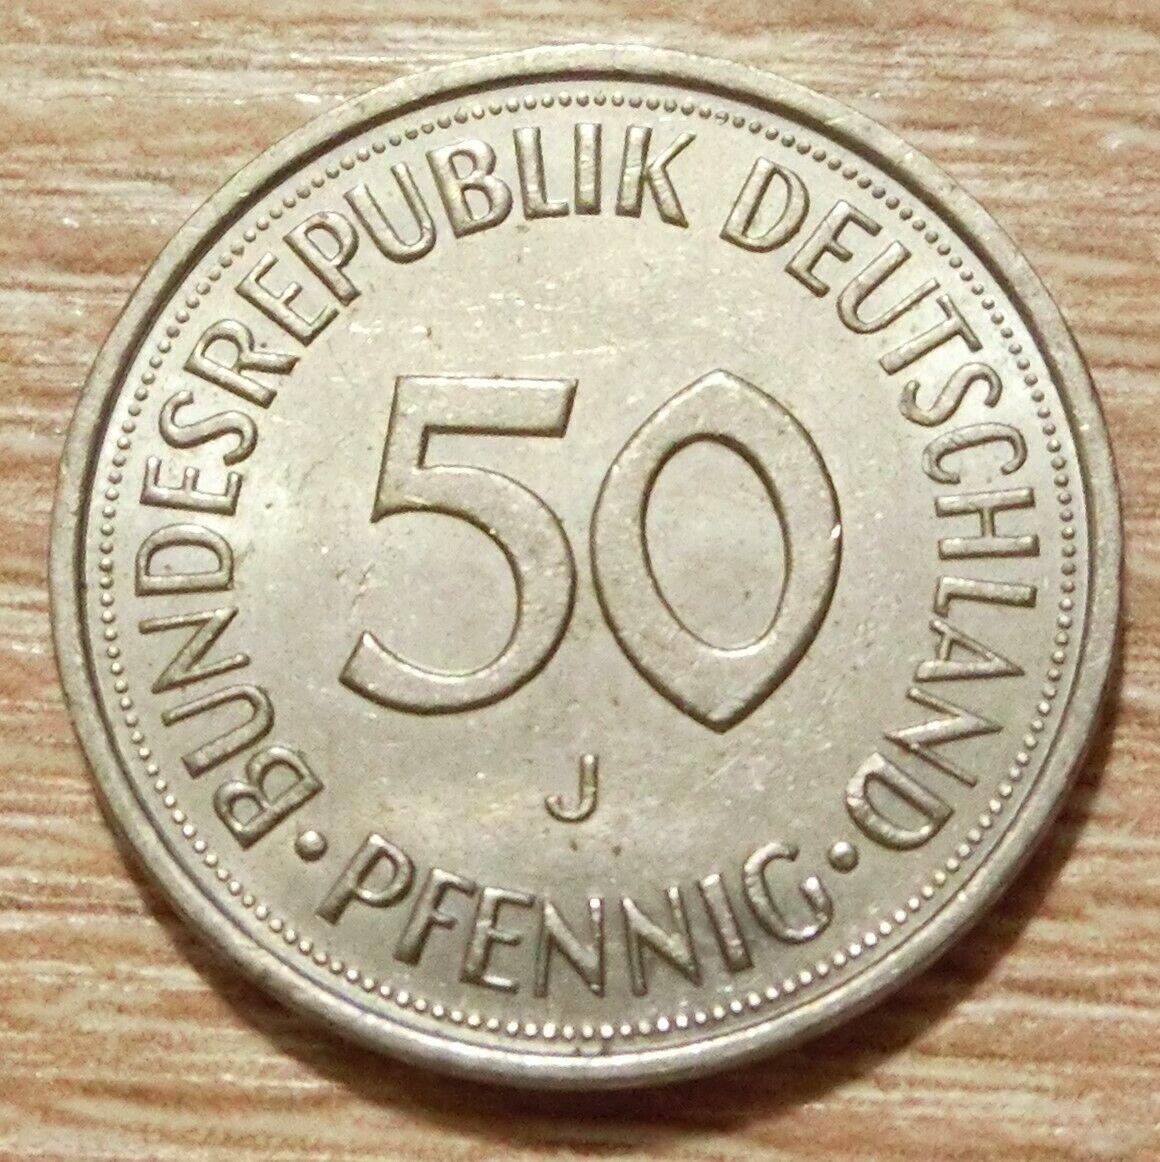 Bundesrepublik Deutschland 50 Pfennig 1991 J - 1,00 €